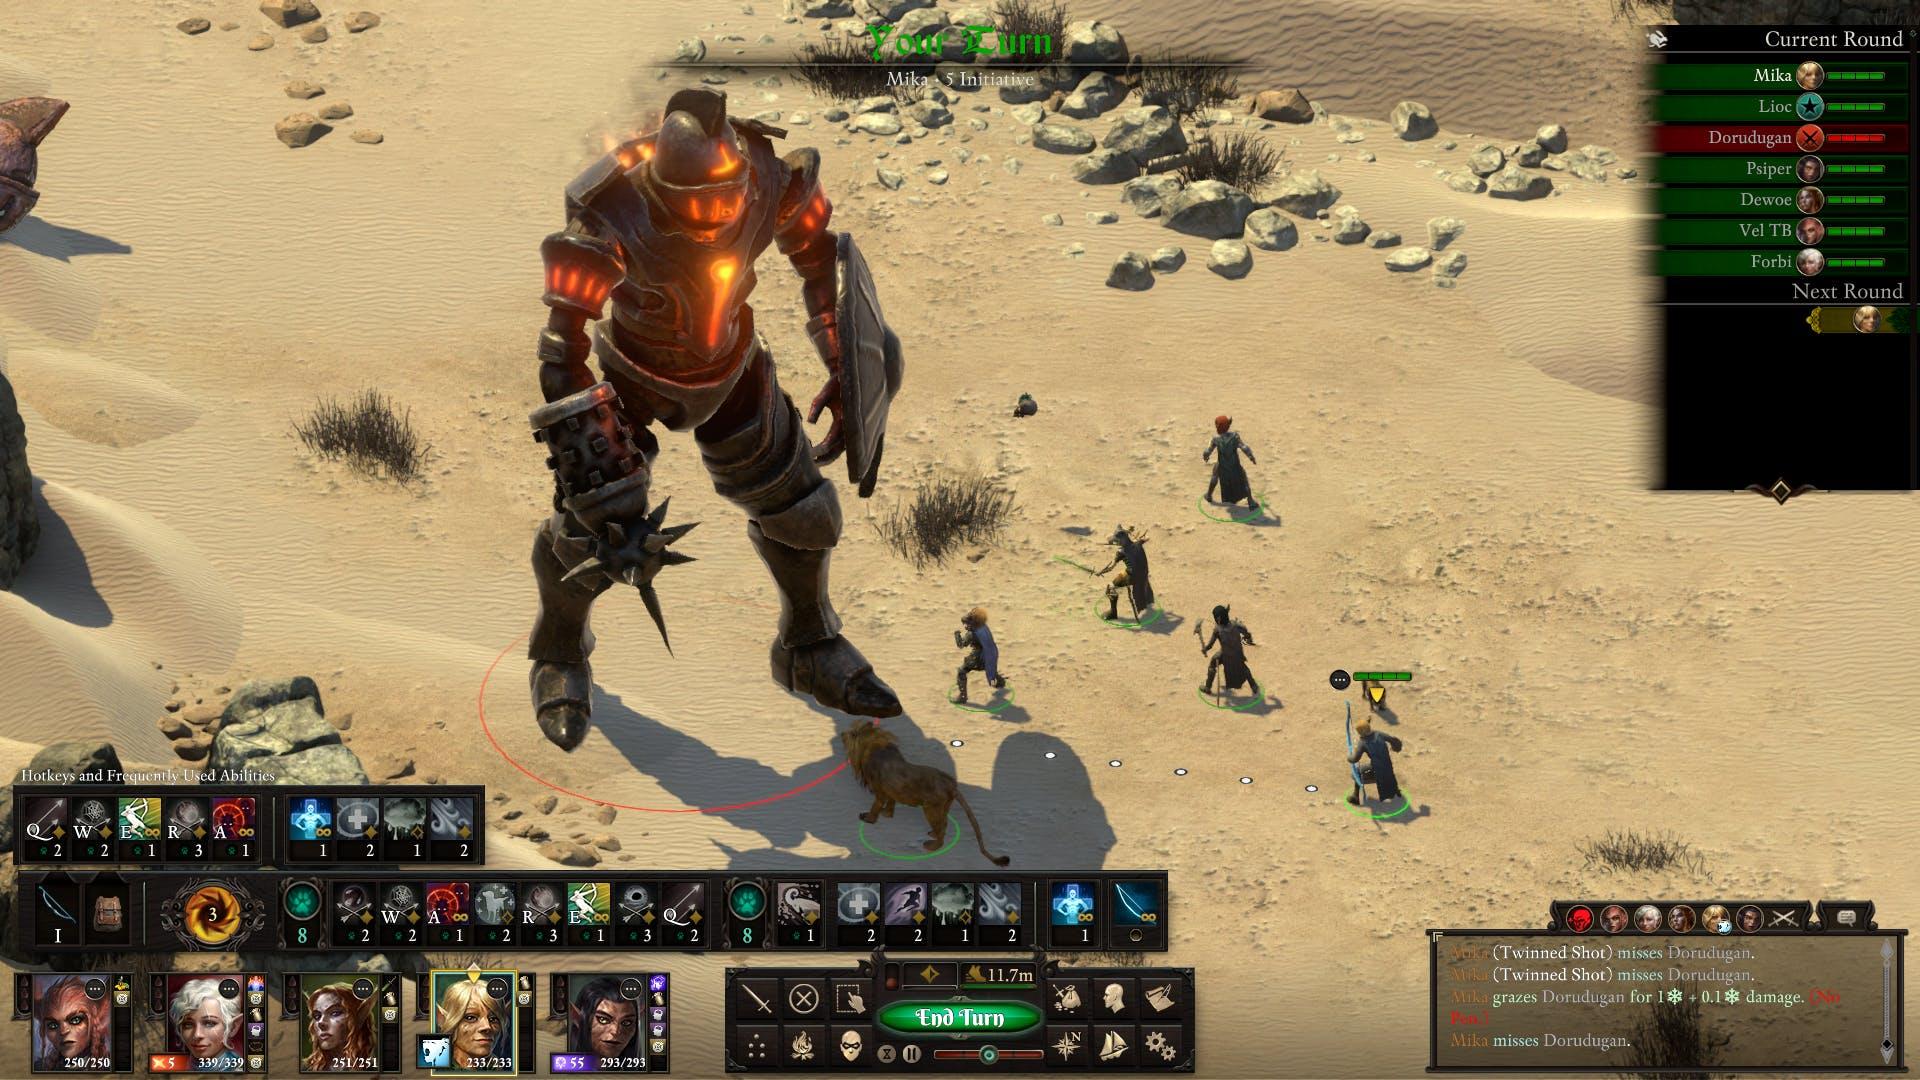 Pillars of Eternity II: Deadfire: Update #60 - Patch 4 1